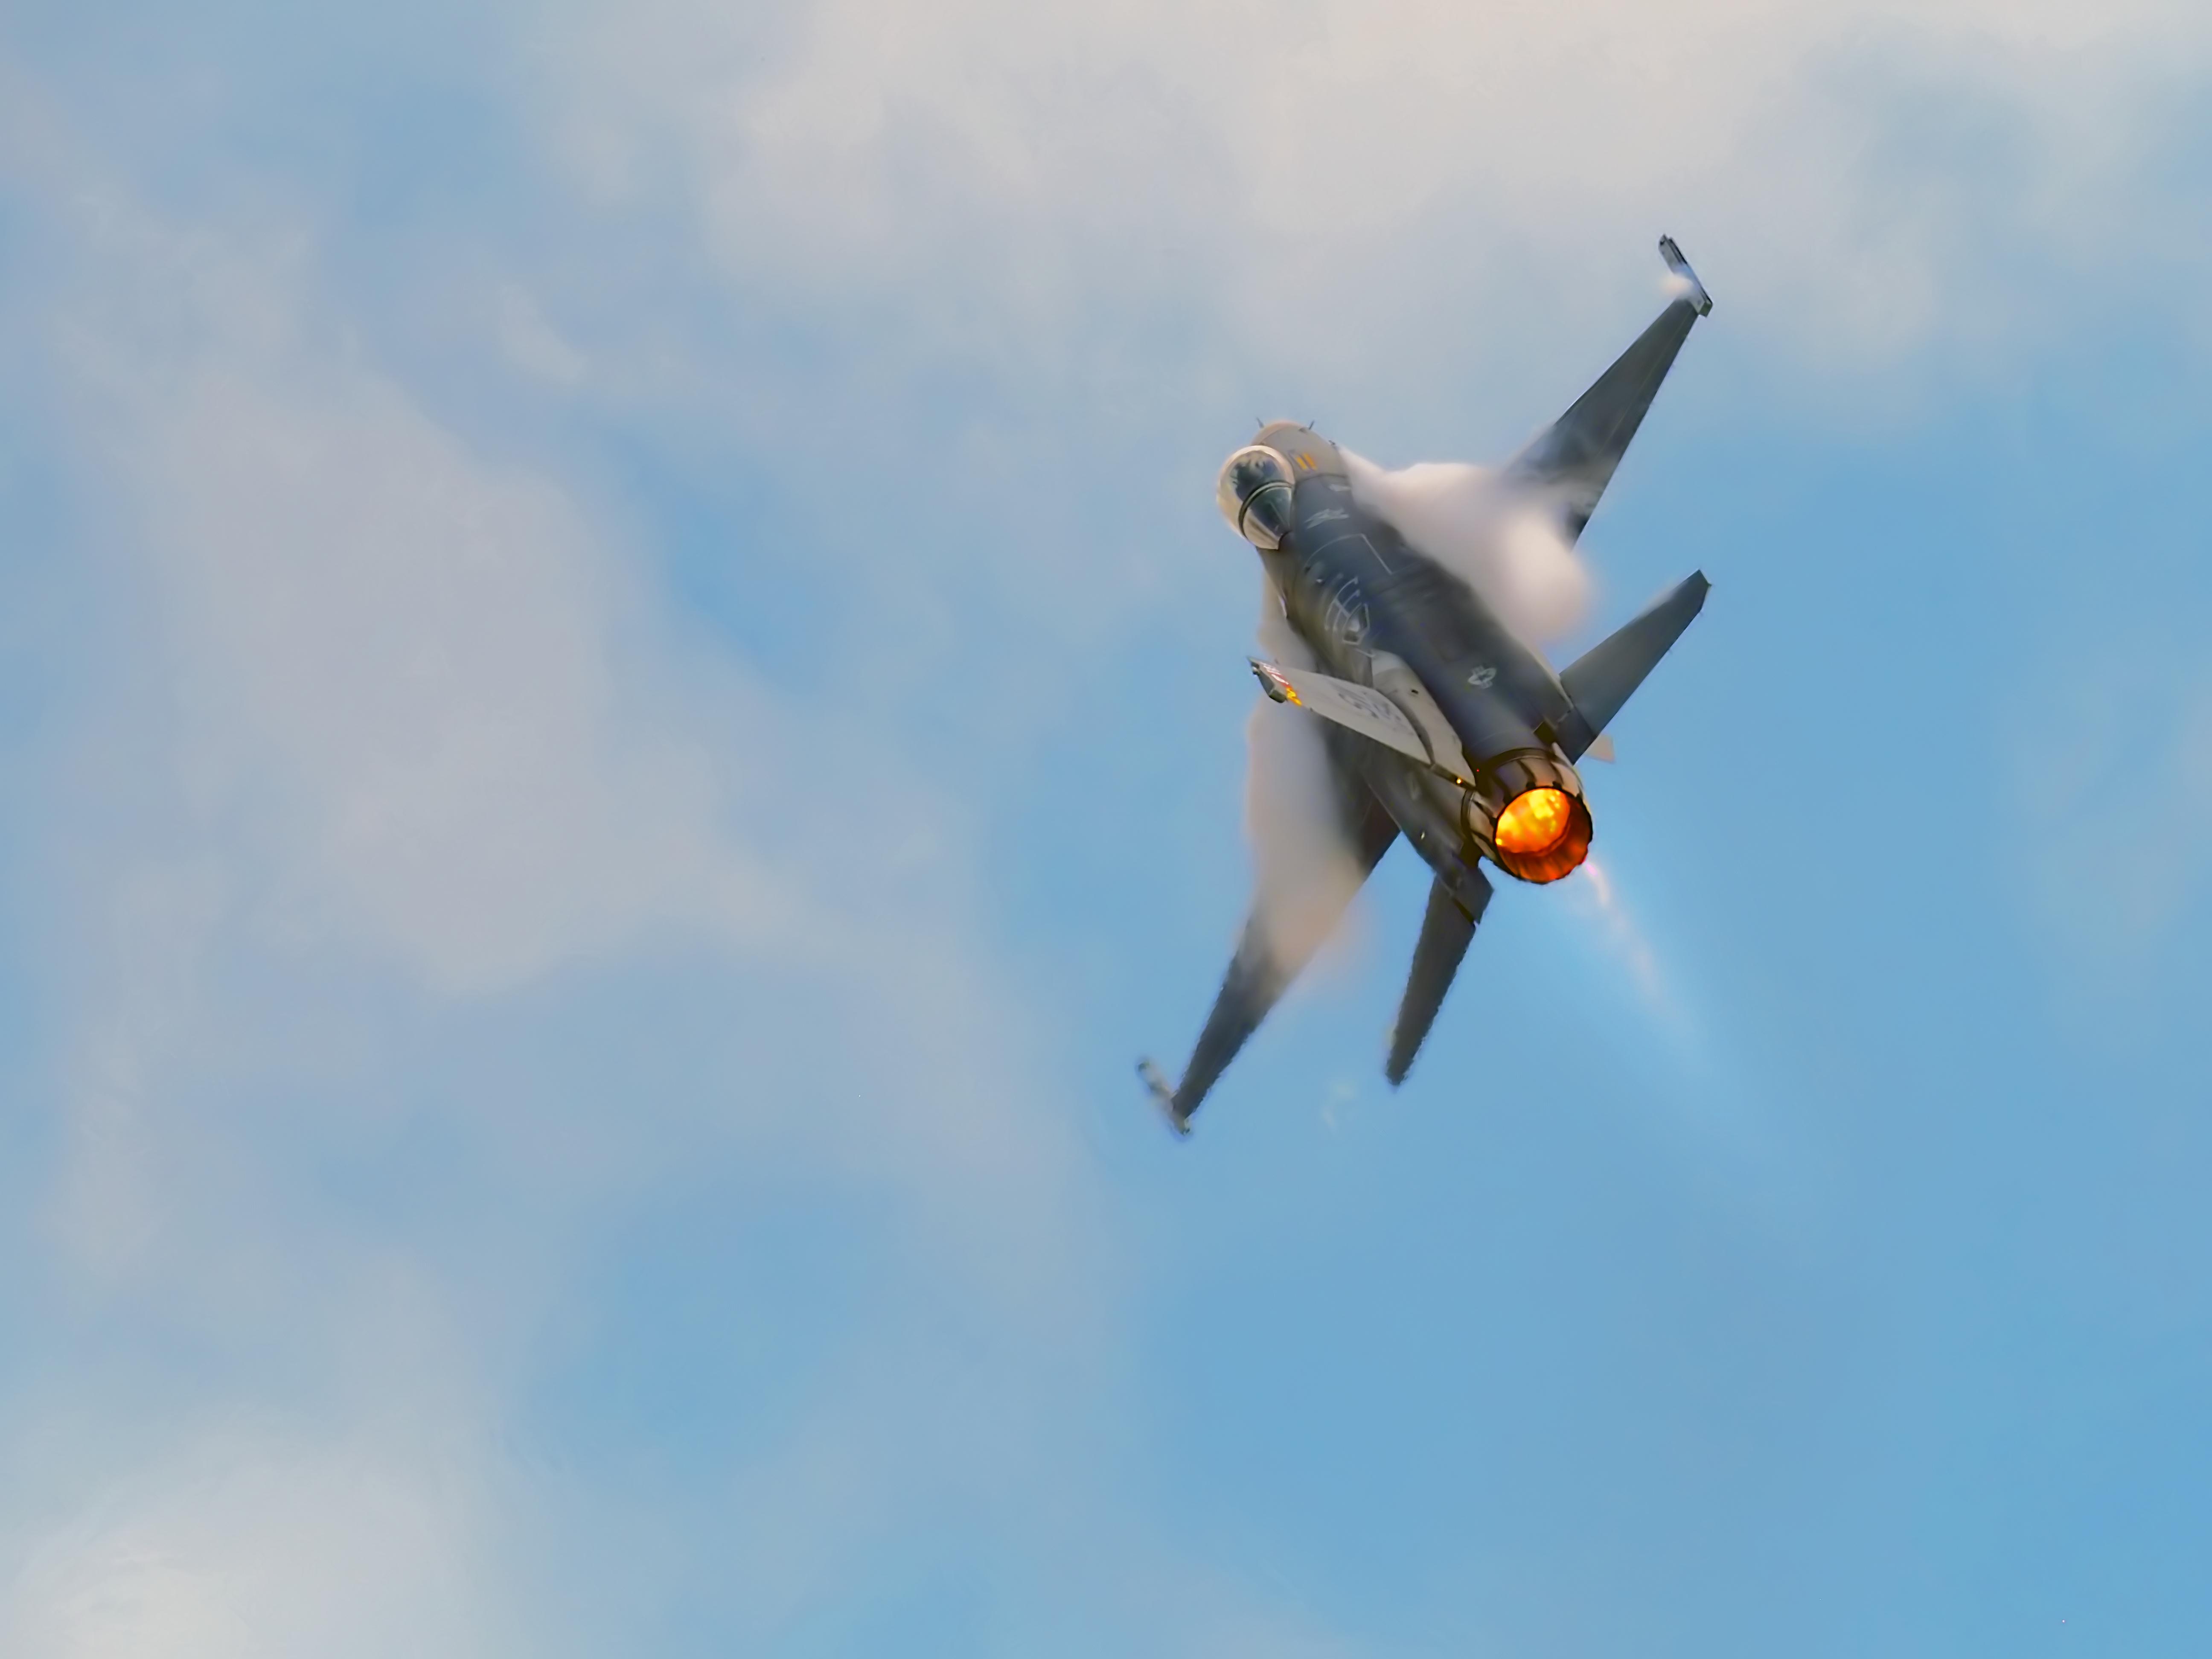 F16condensate